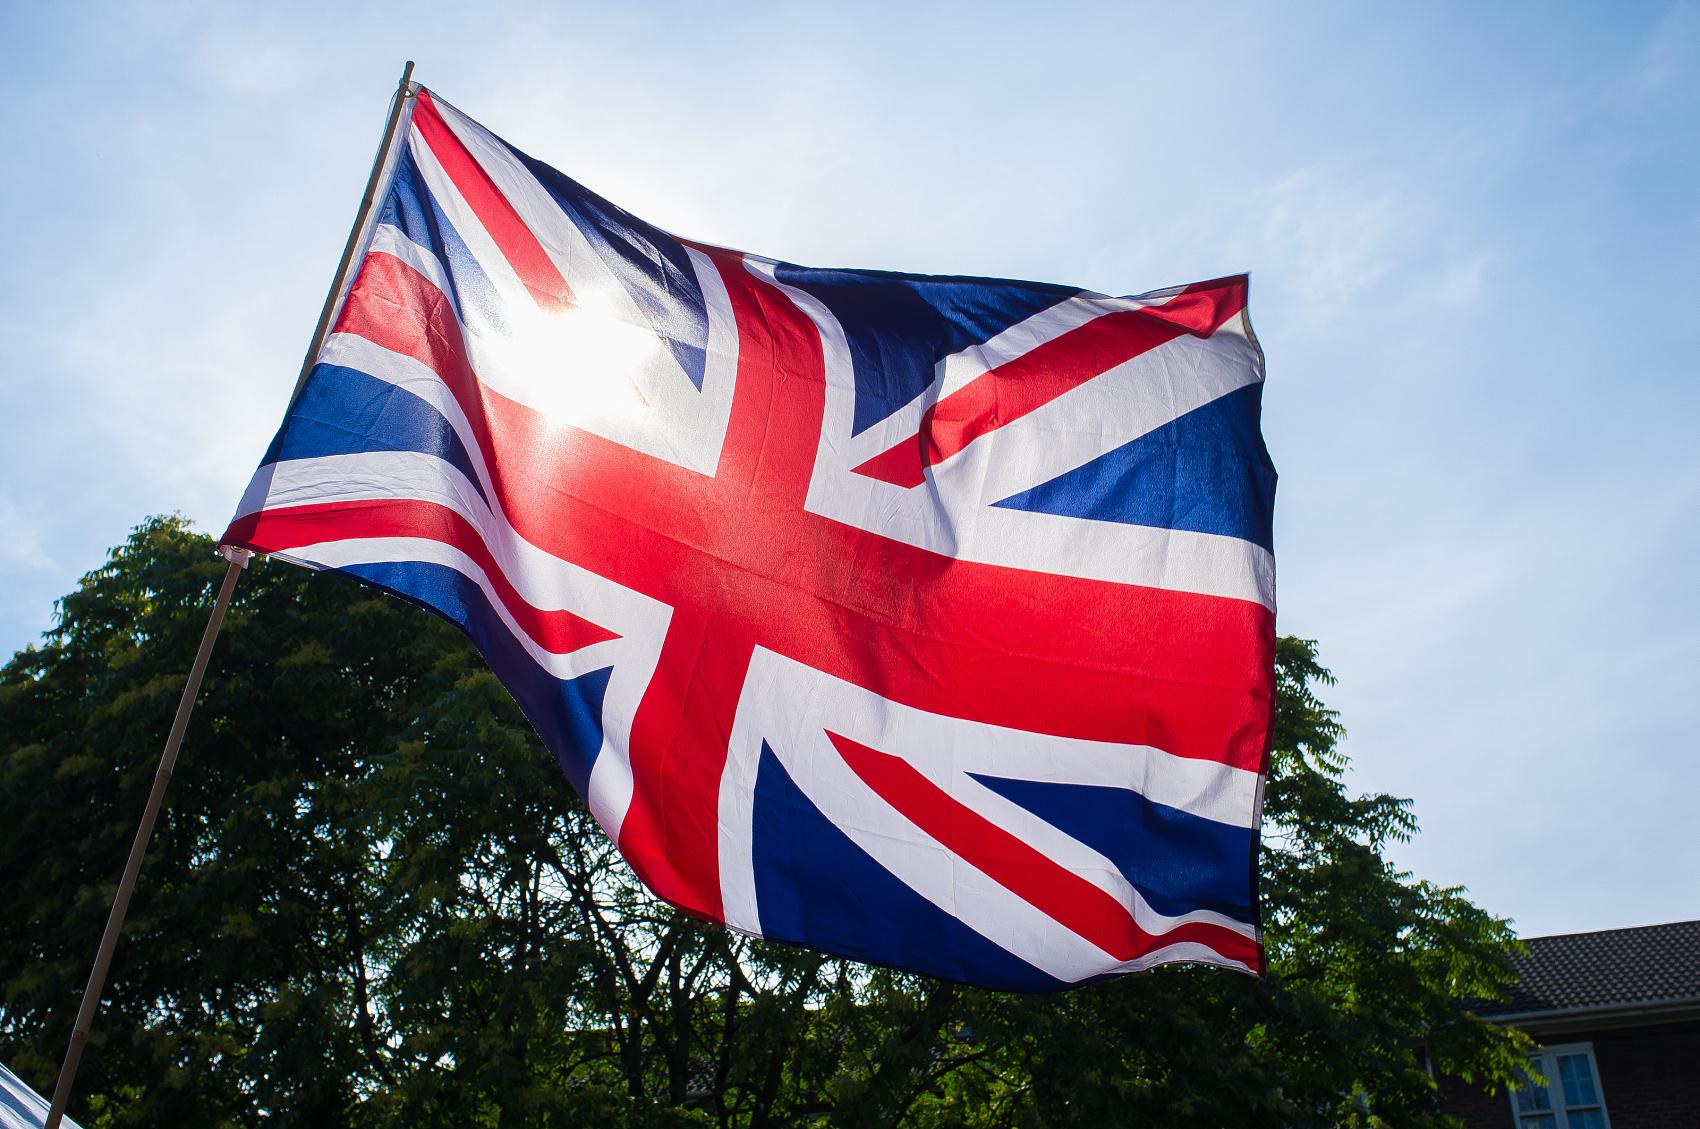 'Very little progress' in key post-Brexit trade talks: UK